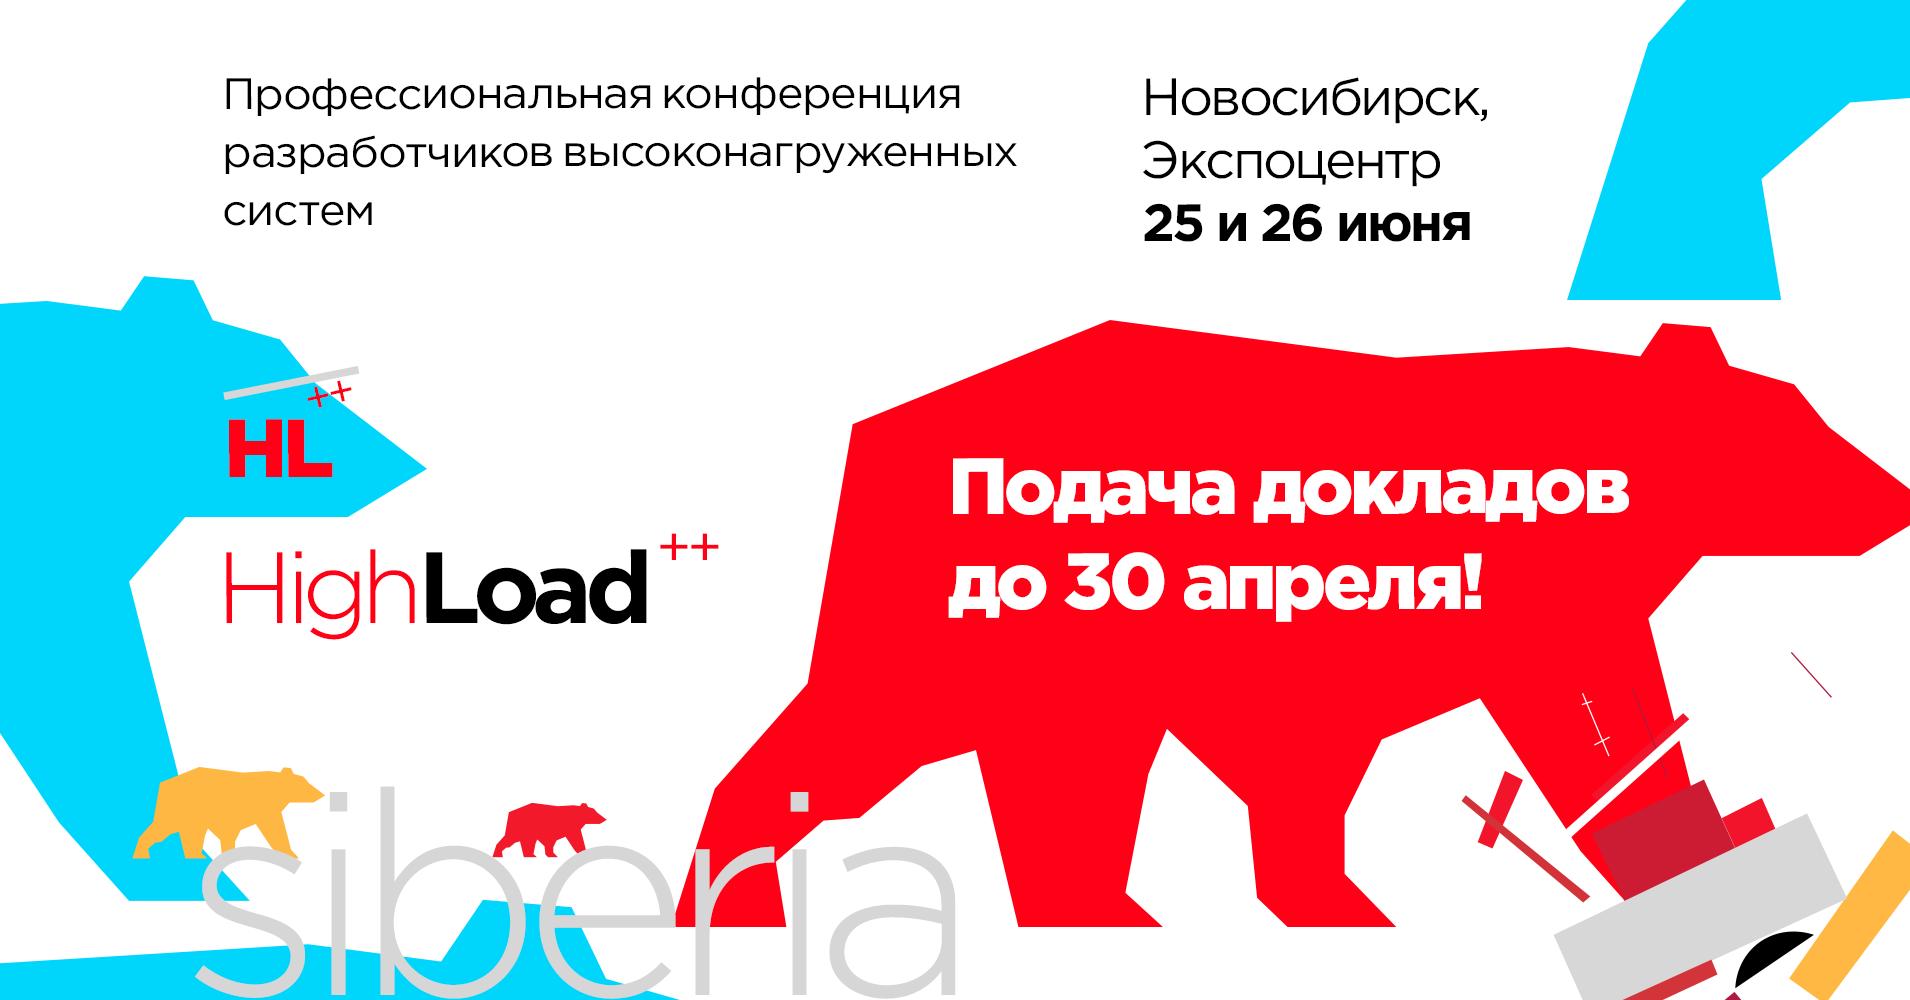 Осталось 7 дней, чтобы повлиять на программу Highload++ Siberia - 1